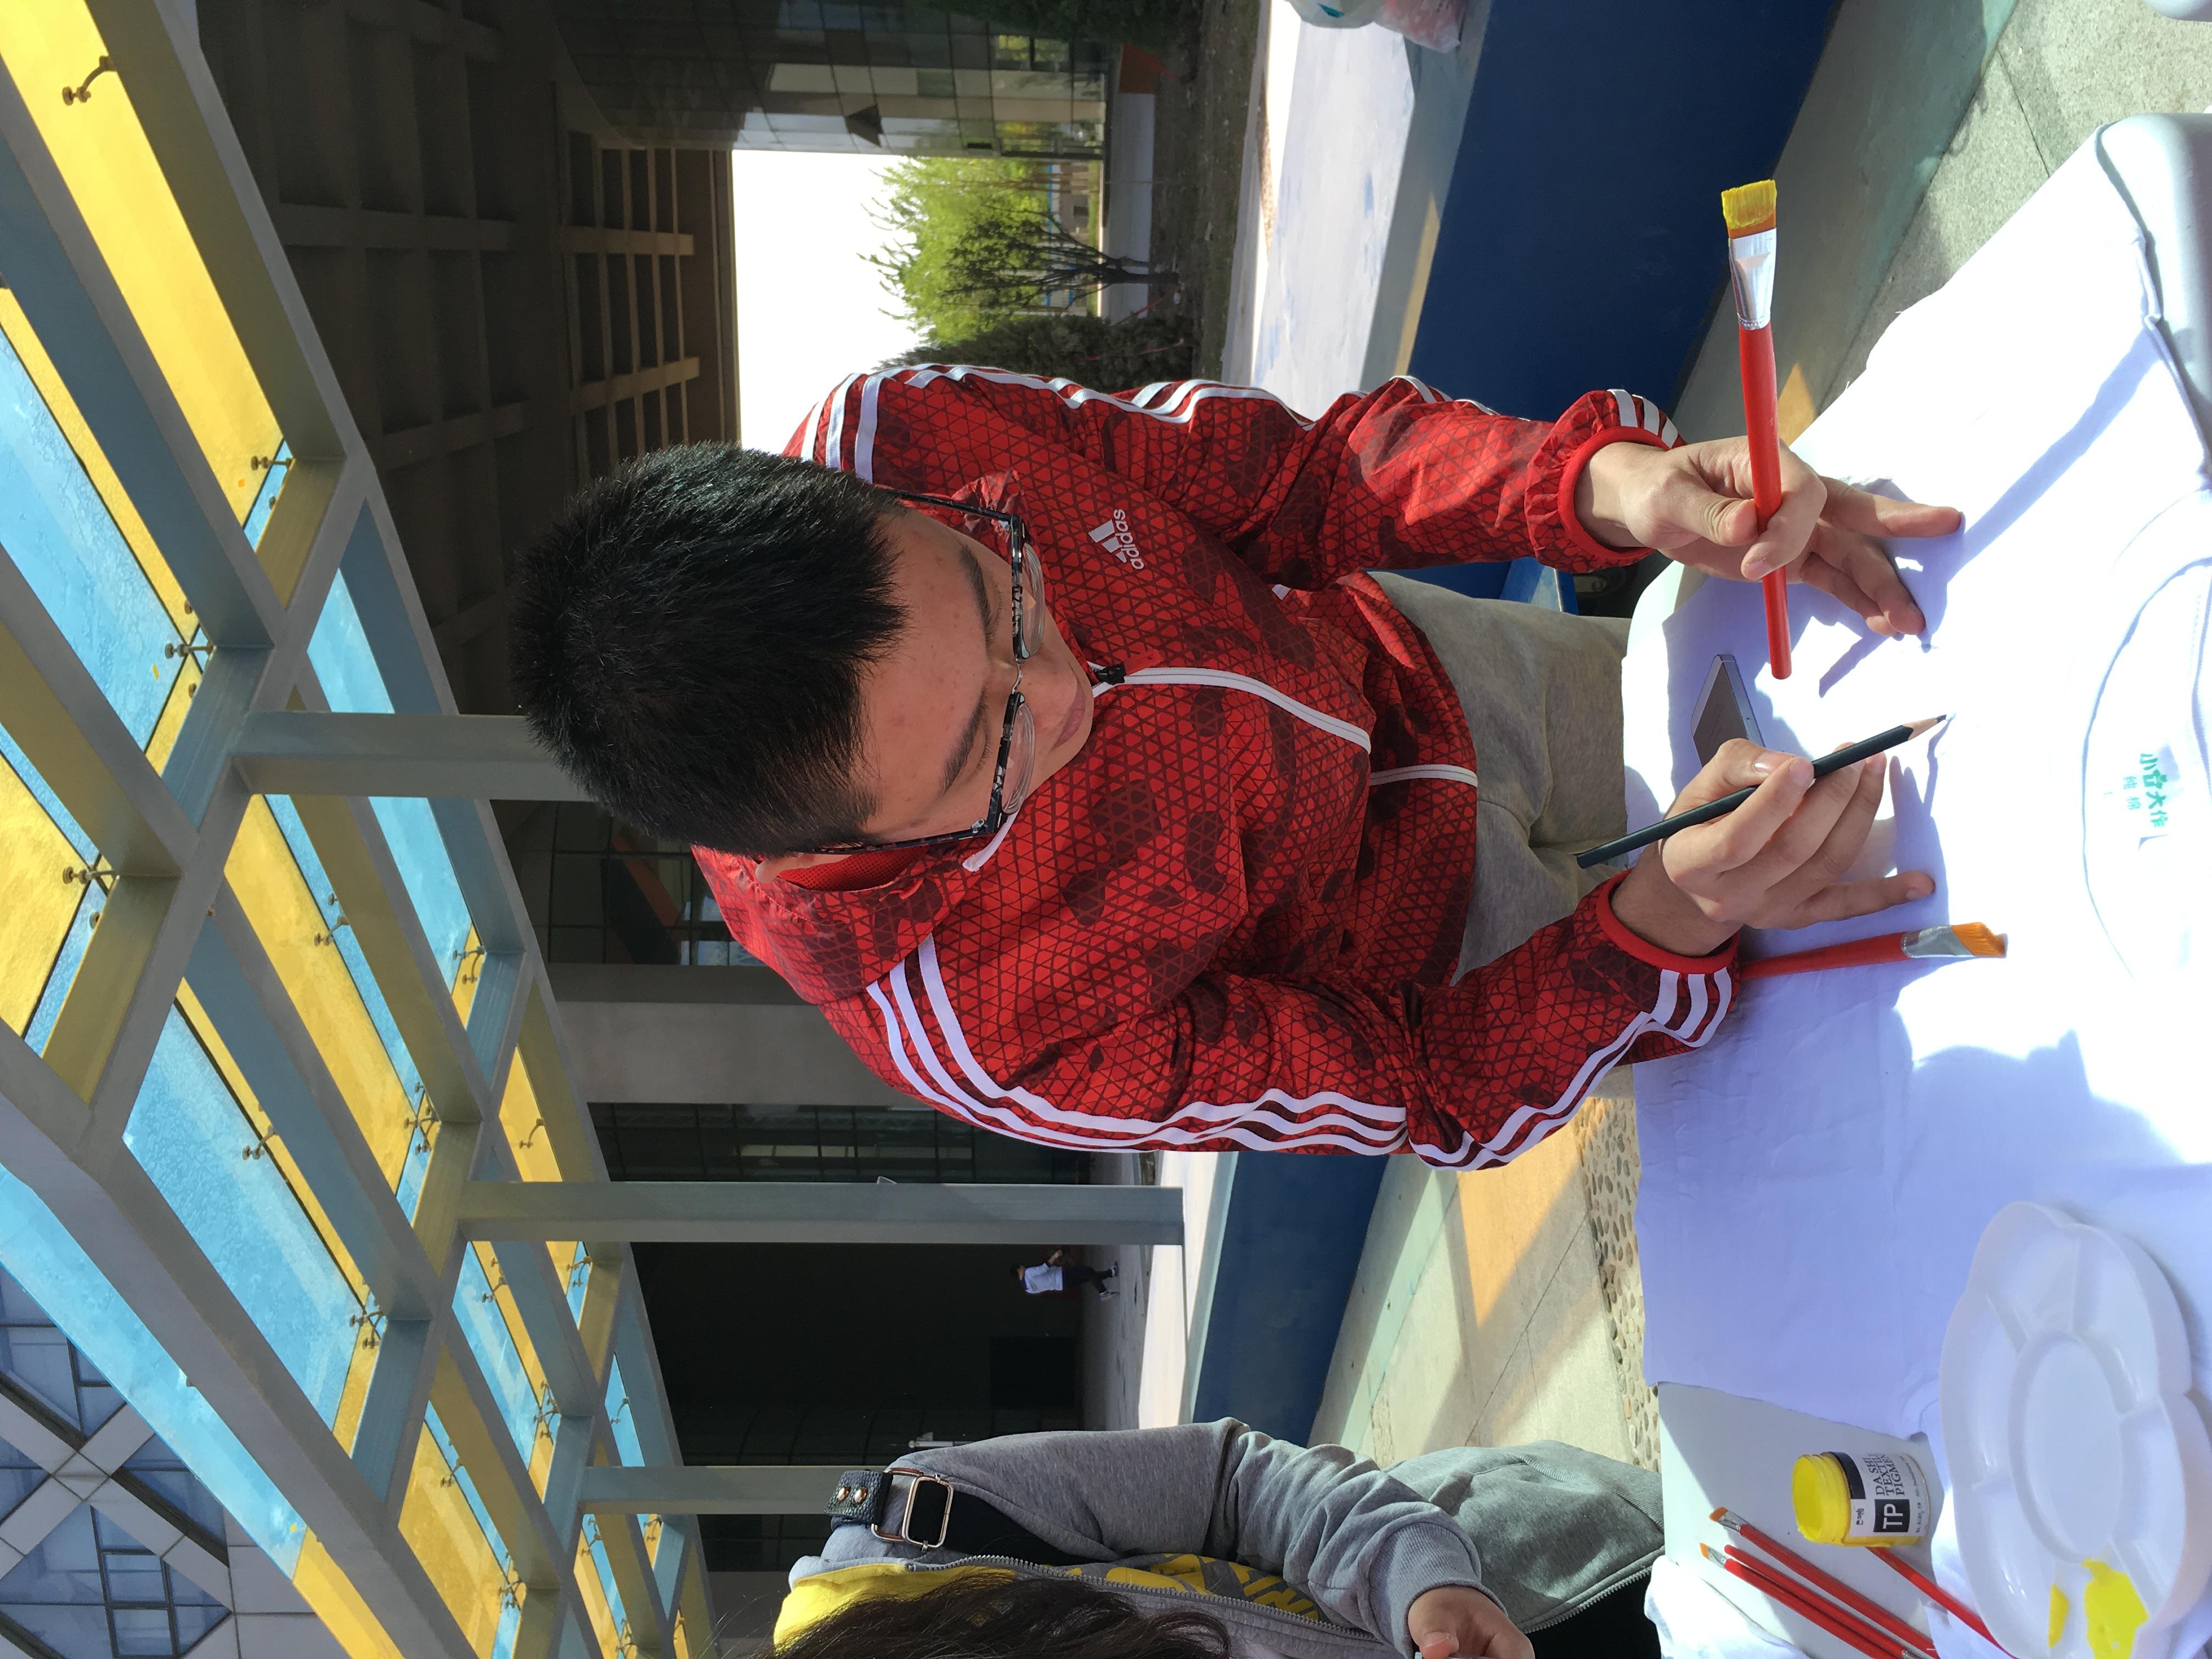 举办一次校园手绘活动让创意融入生活有进